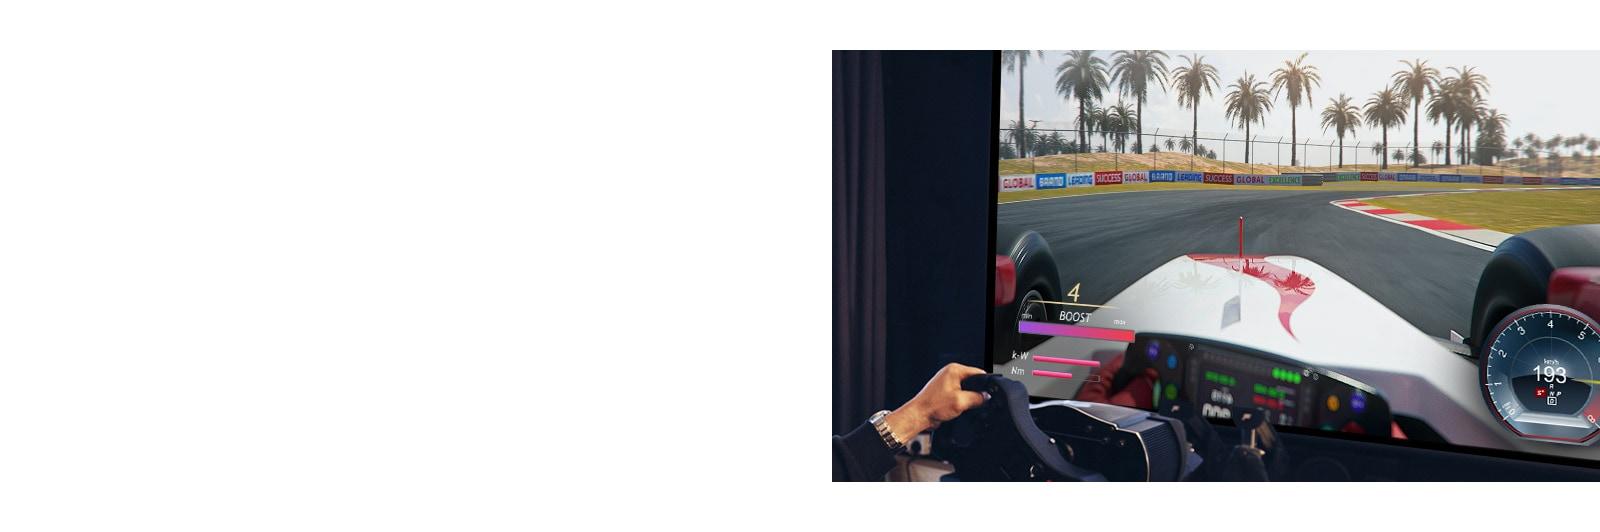 Visão de perto do jogador segurando um volante de corrida e jogando um jogo de corrida na tela da TV.